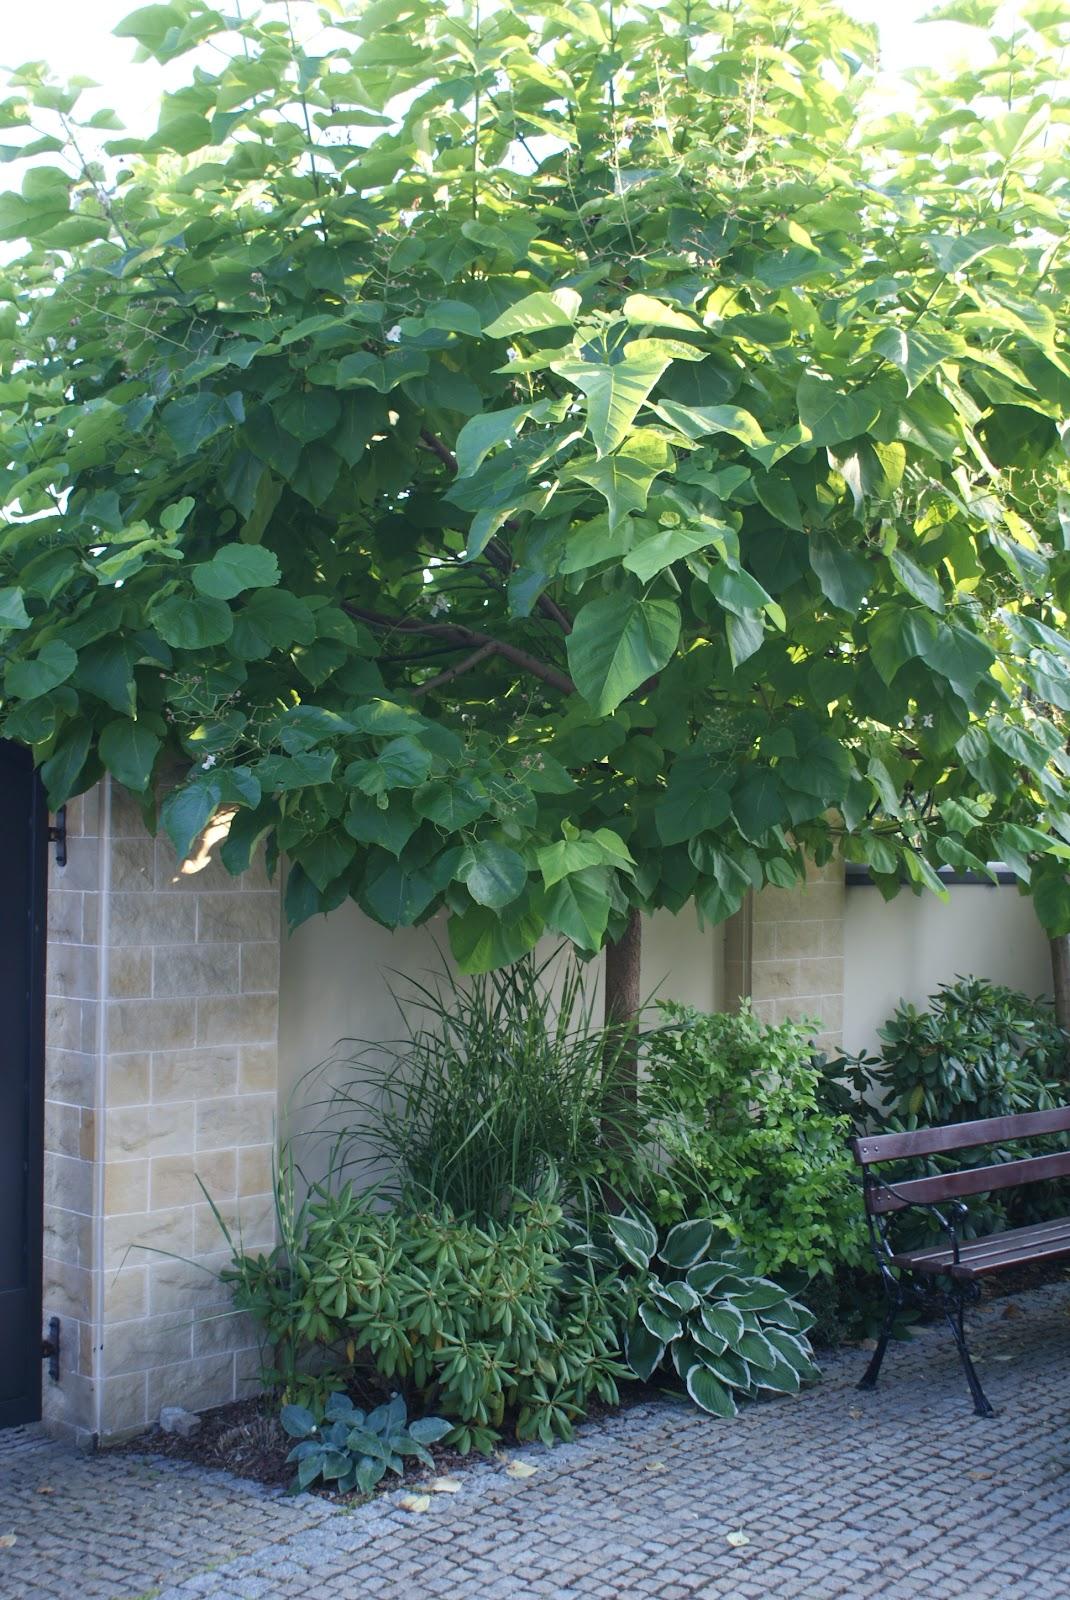 zaczarowany ogród 4